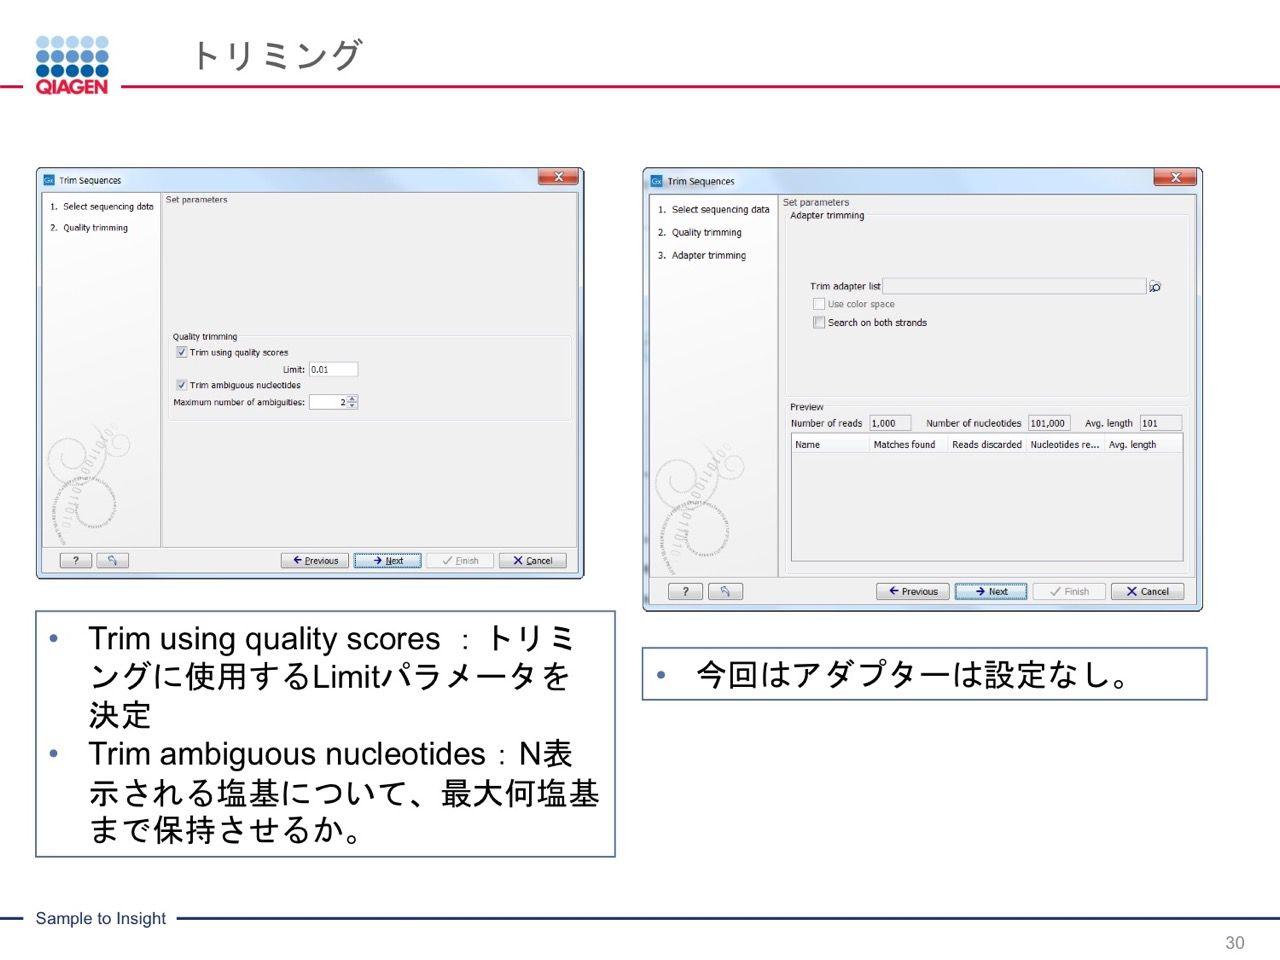 images/AJACSa2_miyamoto_030.jpg